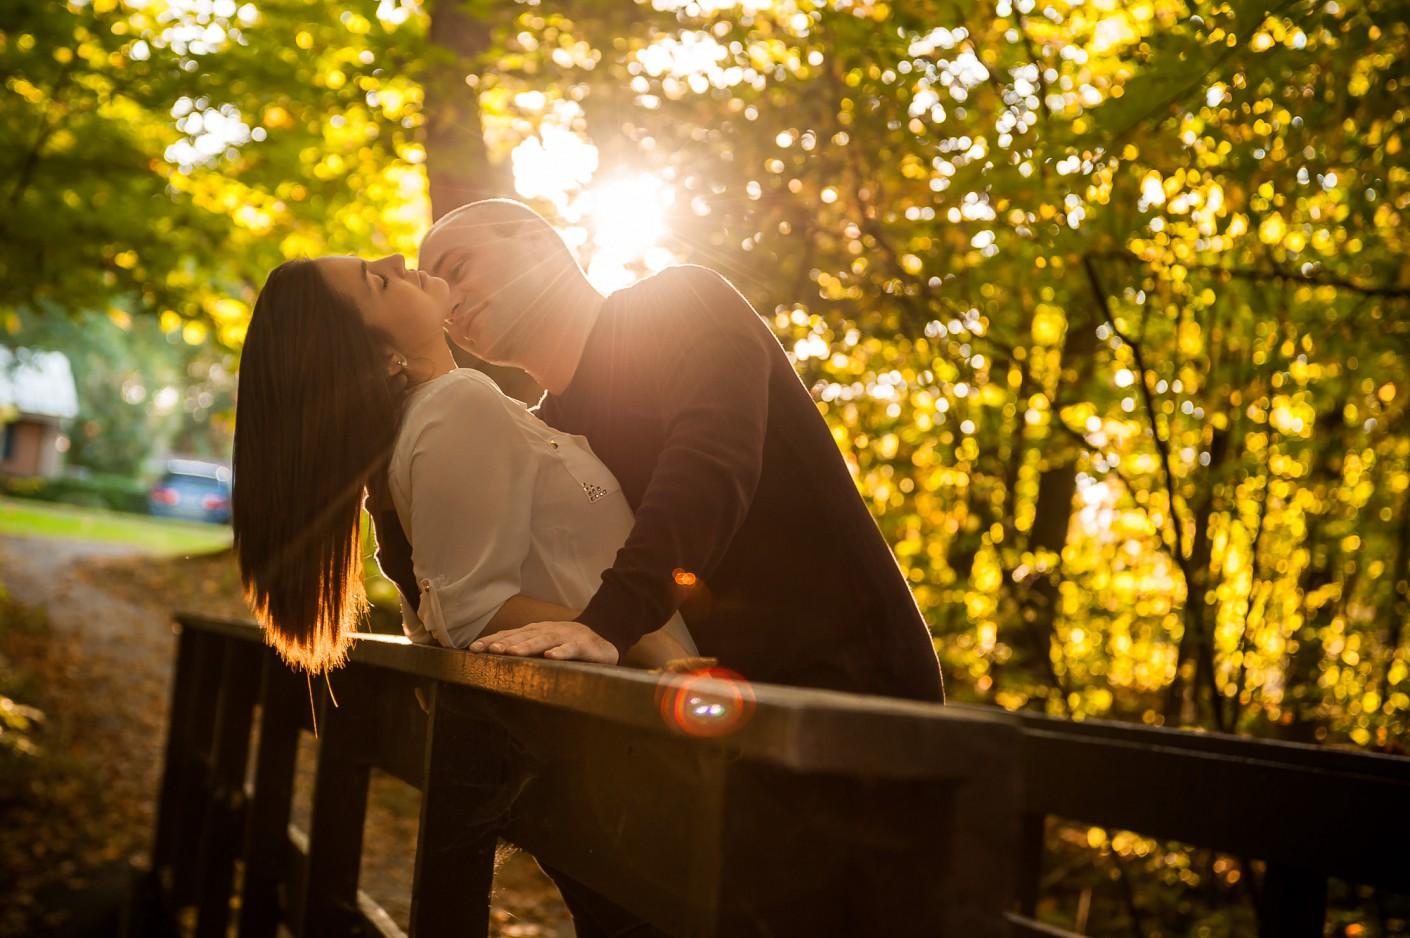 Fiancailles : La lumière nous guidera -Mel & Matt, KW: Couple, Engagement, Mariage